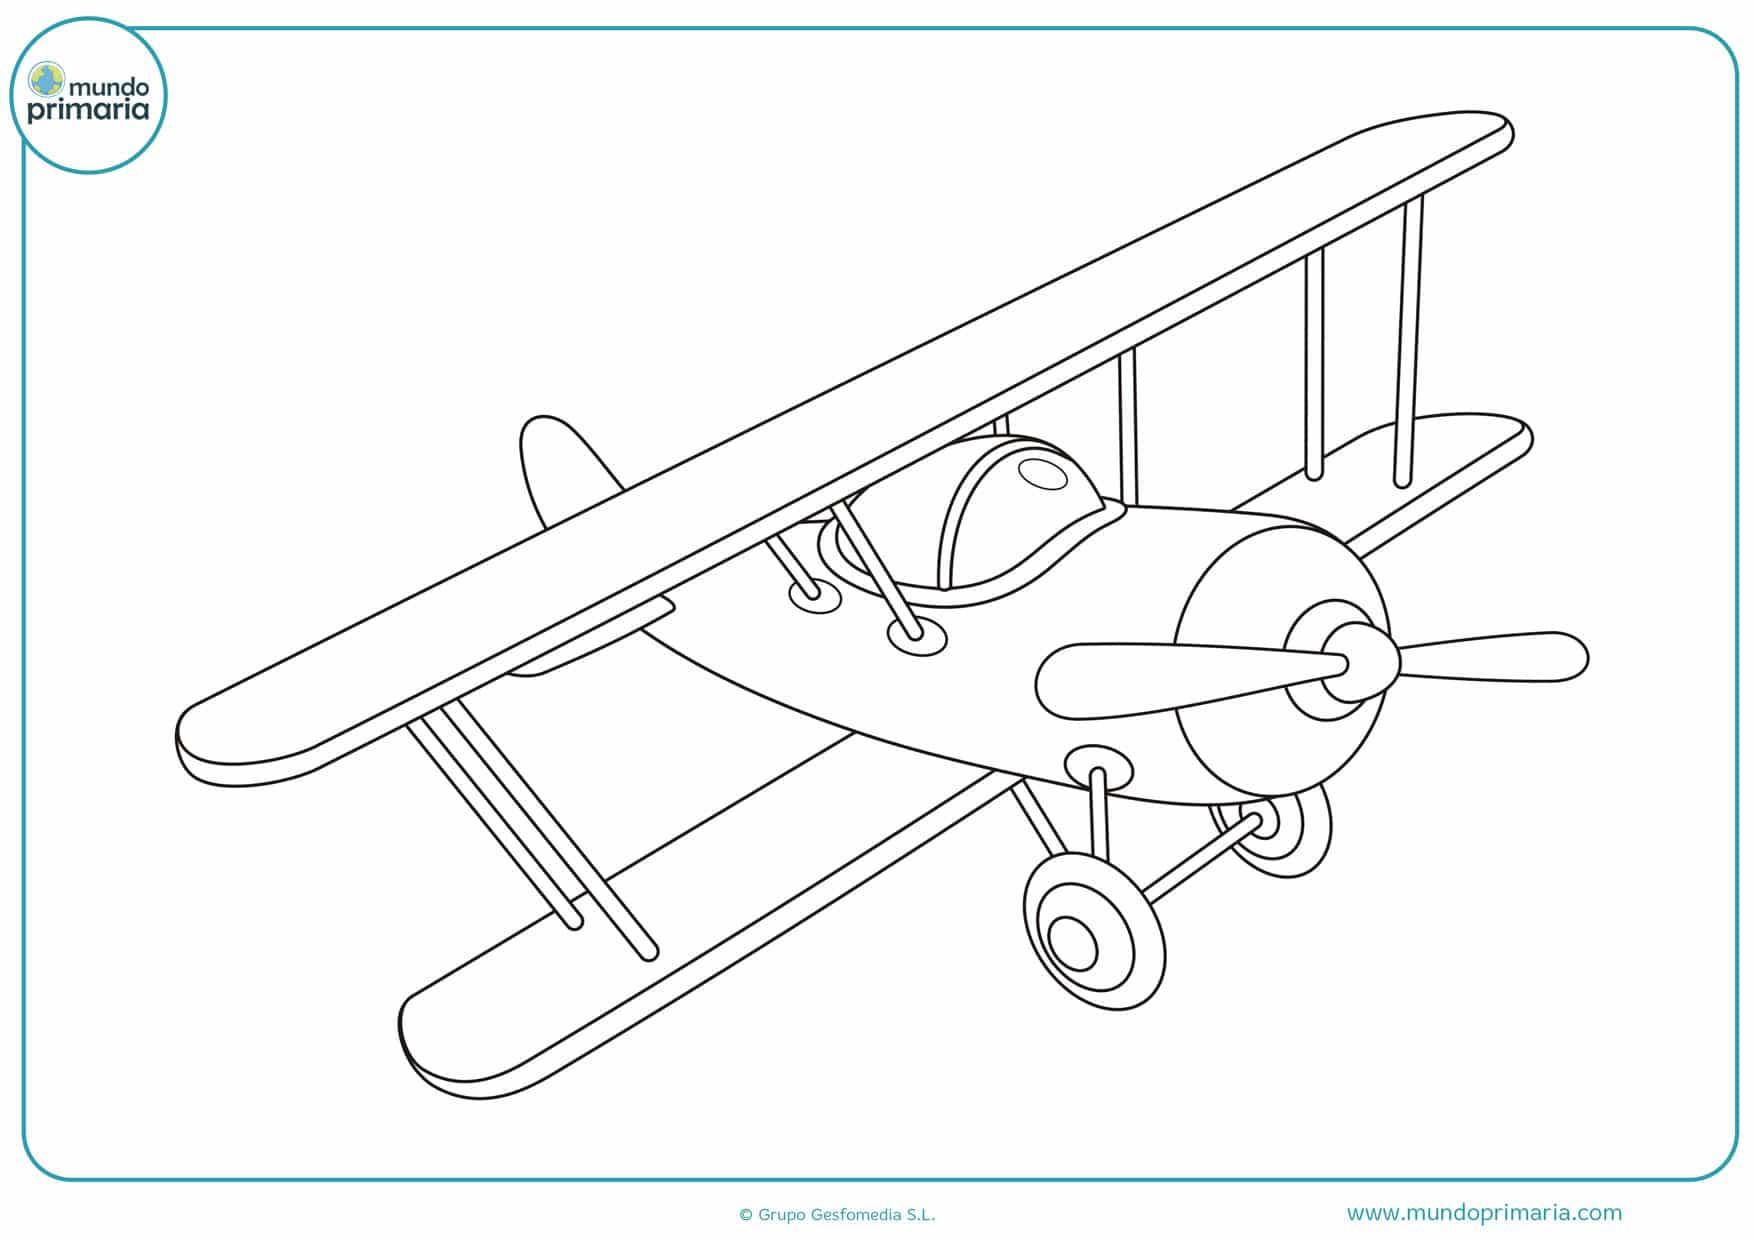 dibujos para colorear de aviones infantiles